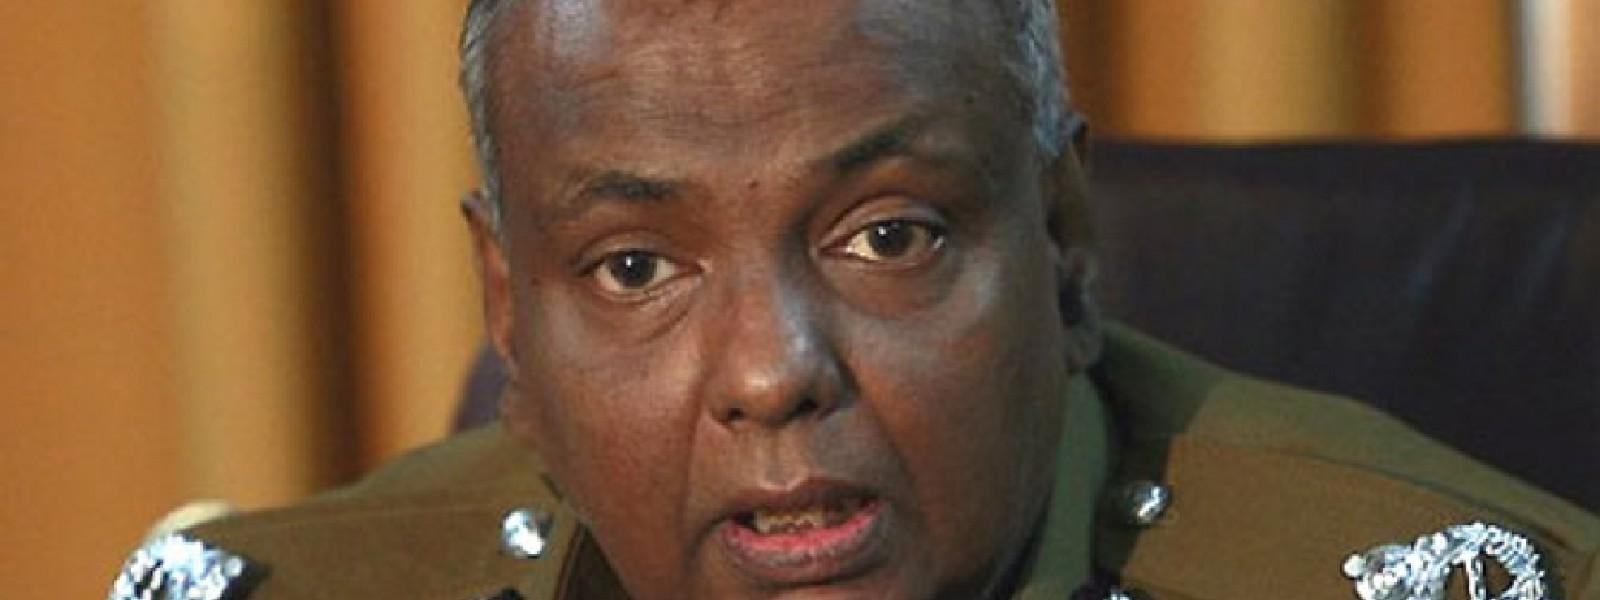 Sri Lanka's Former Police Chief Dr. Mahinda Balasuriya, no more